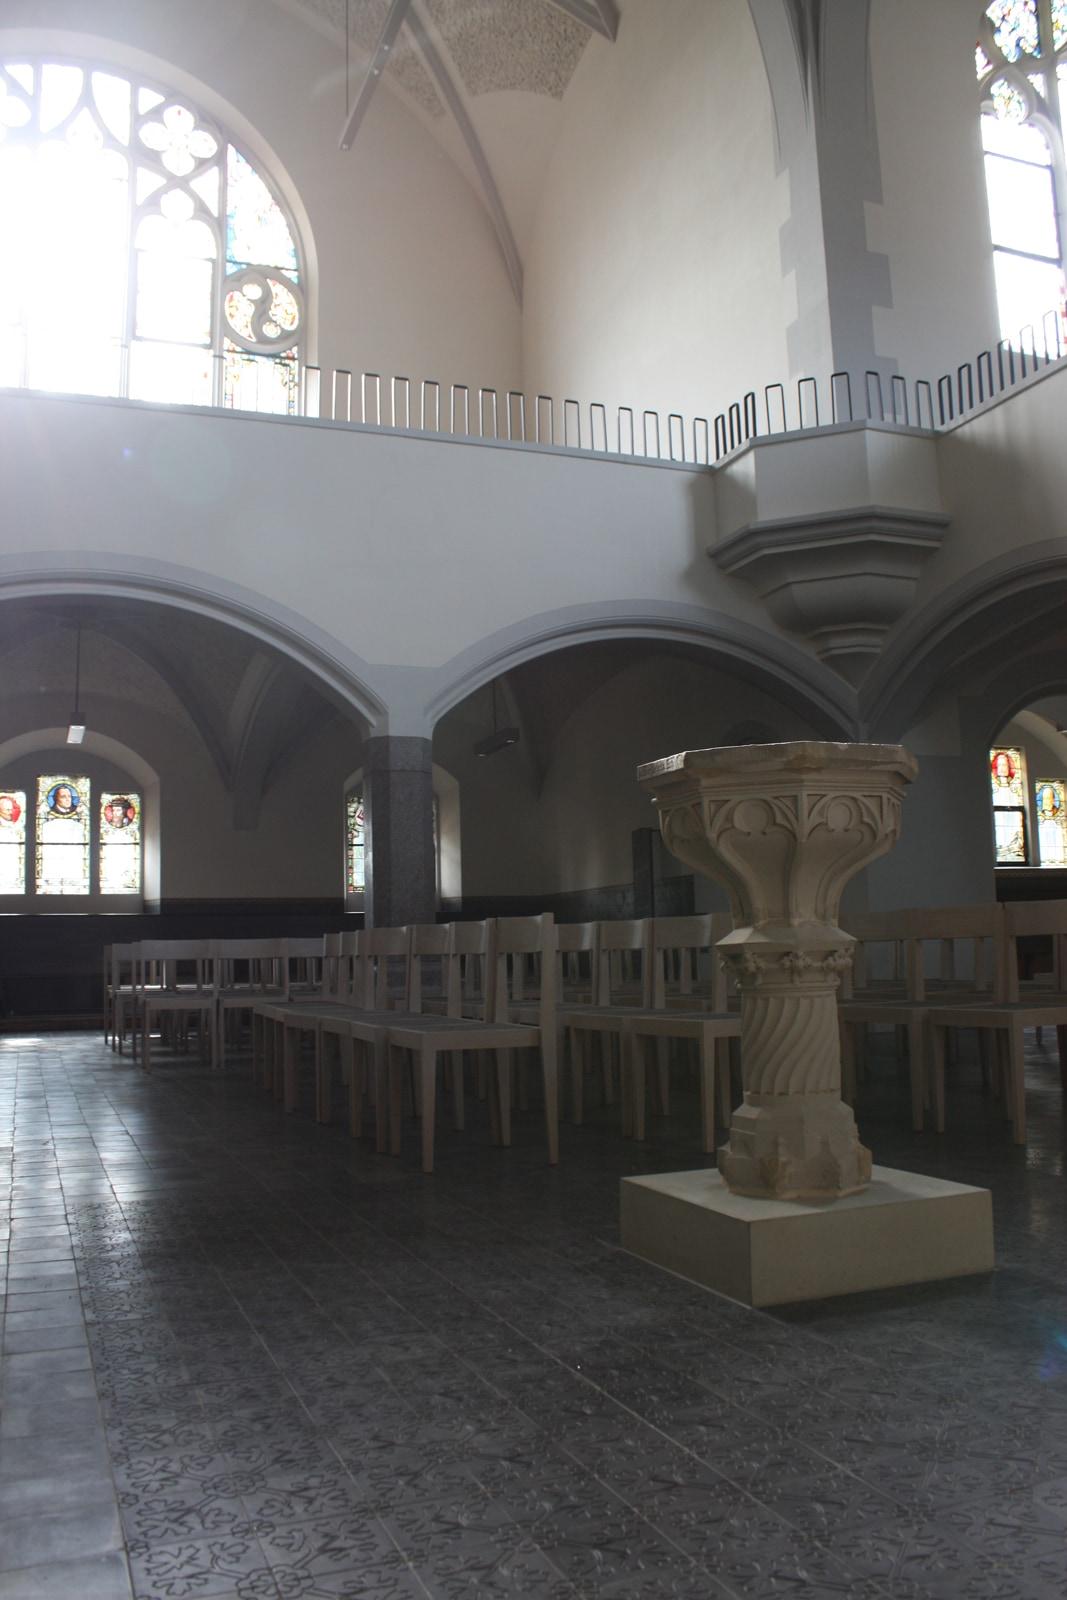 VIA Zementmosaikplatten-nr.51110-friedenskirche-02-viaplatten | 51110/150